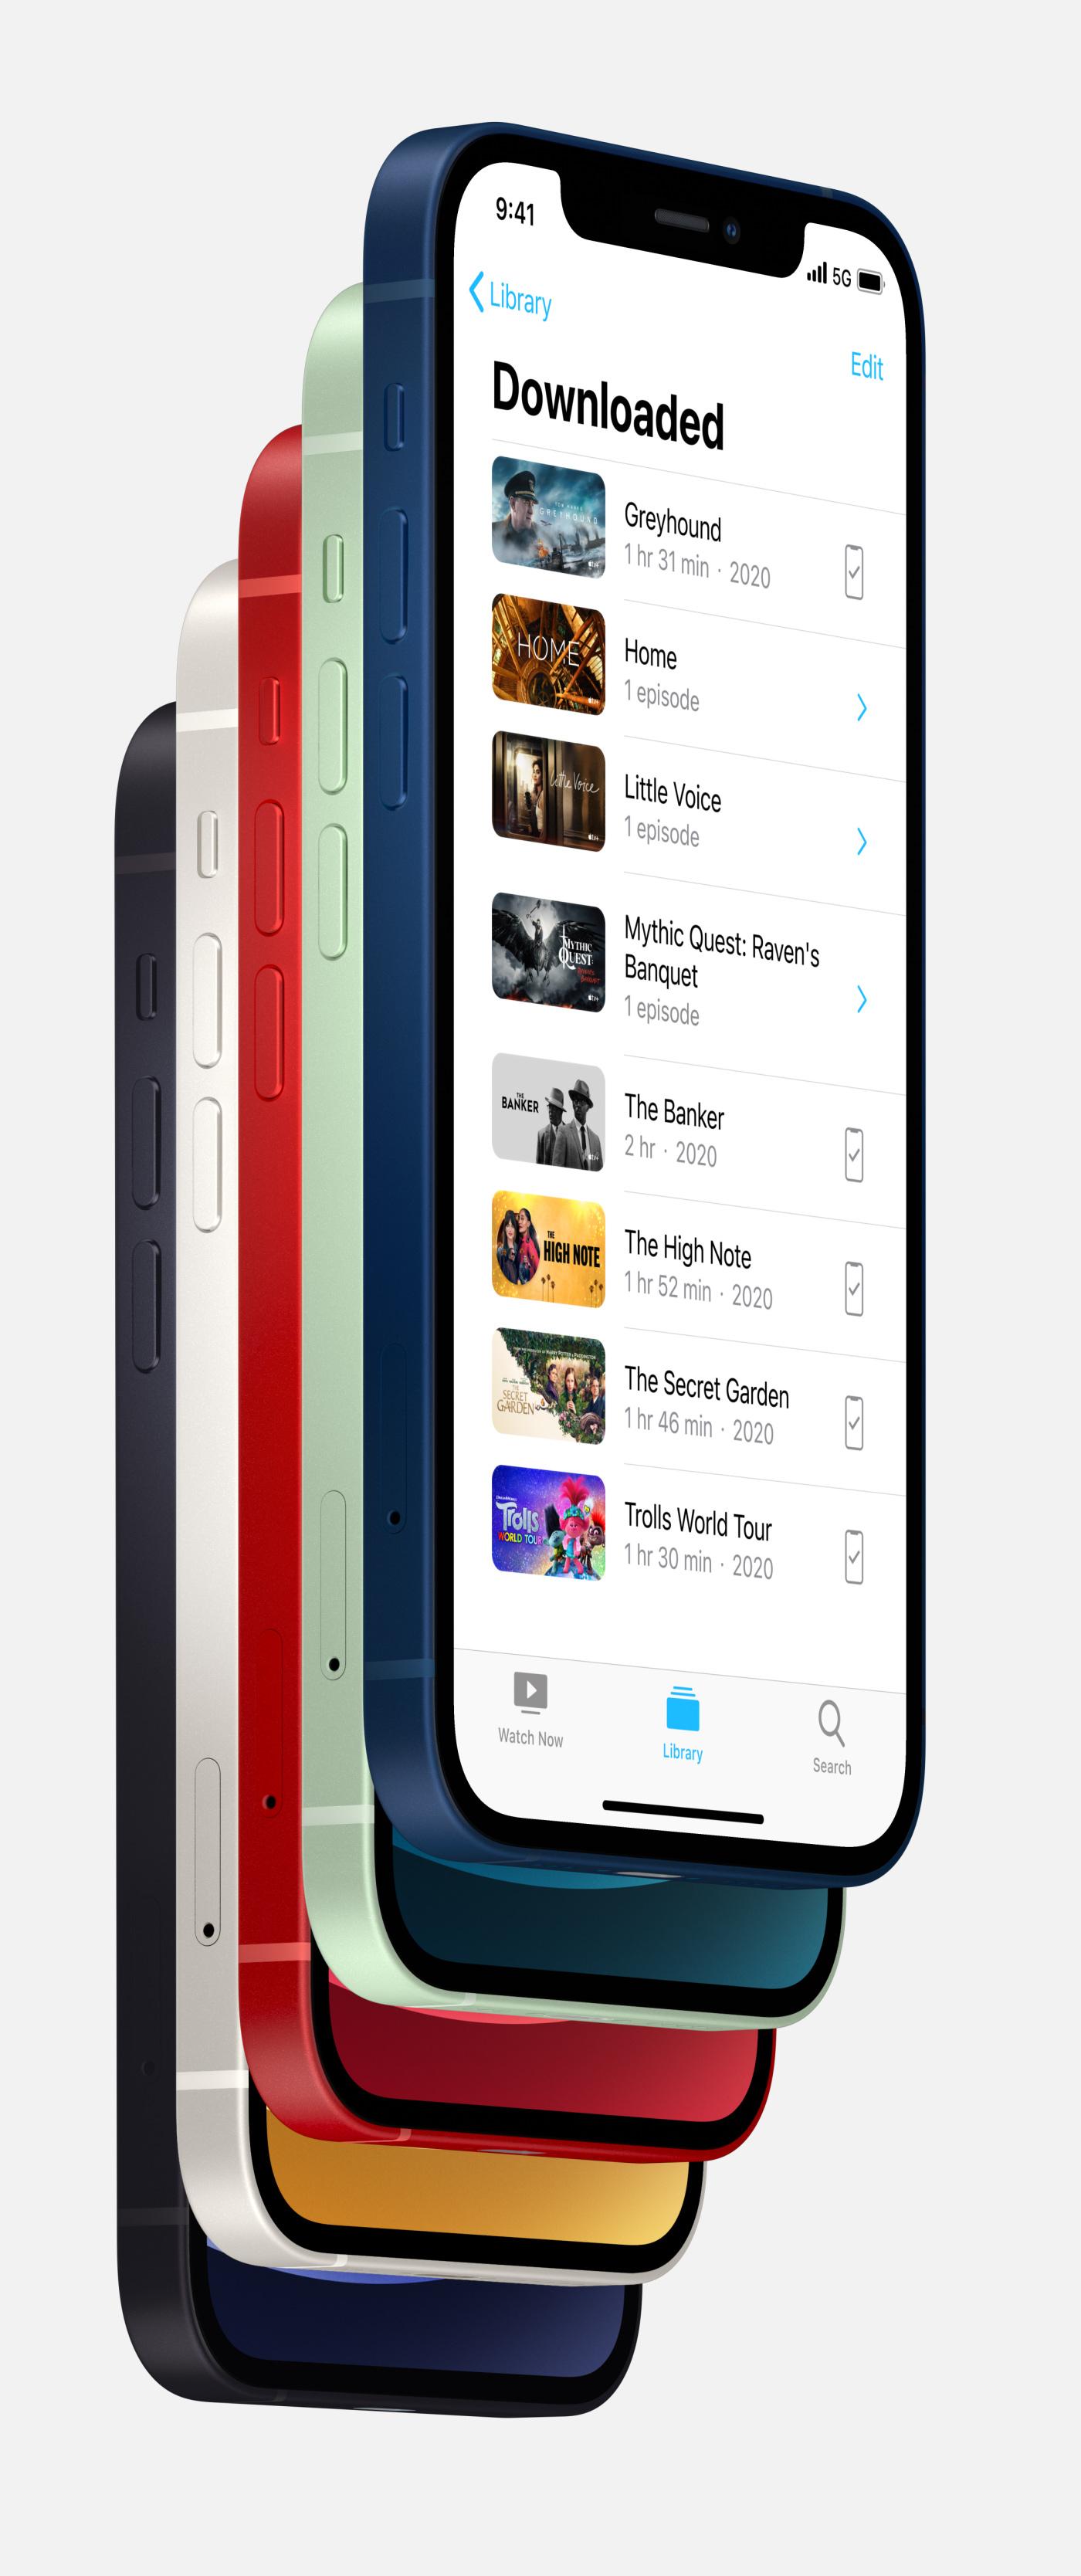 Теперь вы сможете смотреть видео и слушать музыку онлайн так, будто они уже загружены на ваше устройство. Это возможно благодаря поддержке 5G сетей, которые позволяют загружать и отправлять файлы на очень высокой скорости и без задержек.